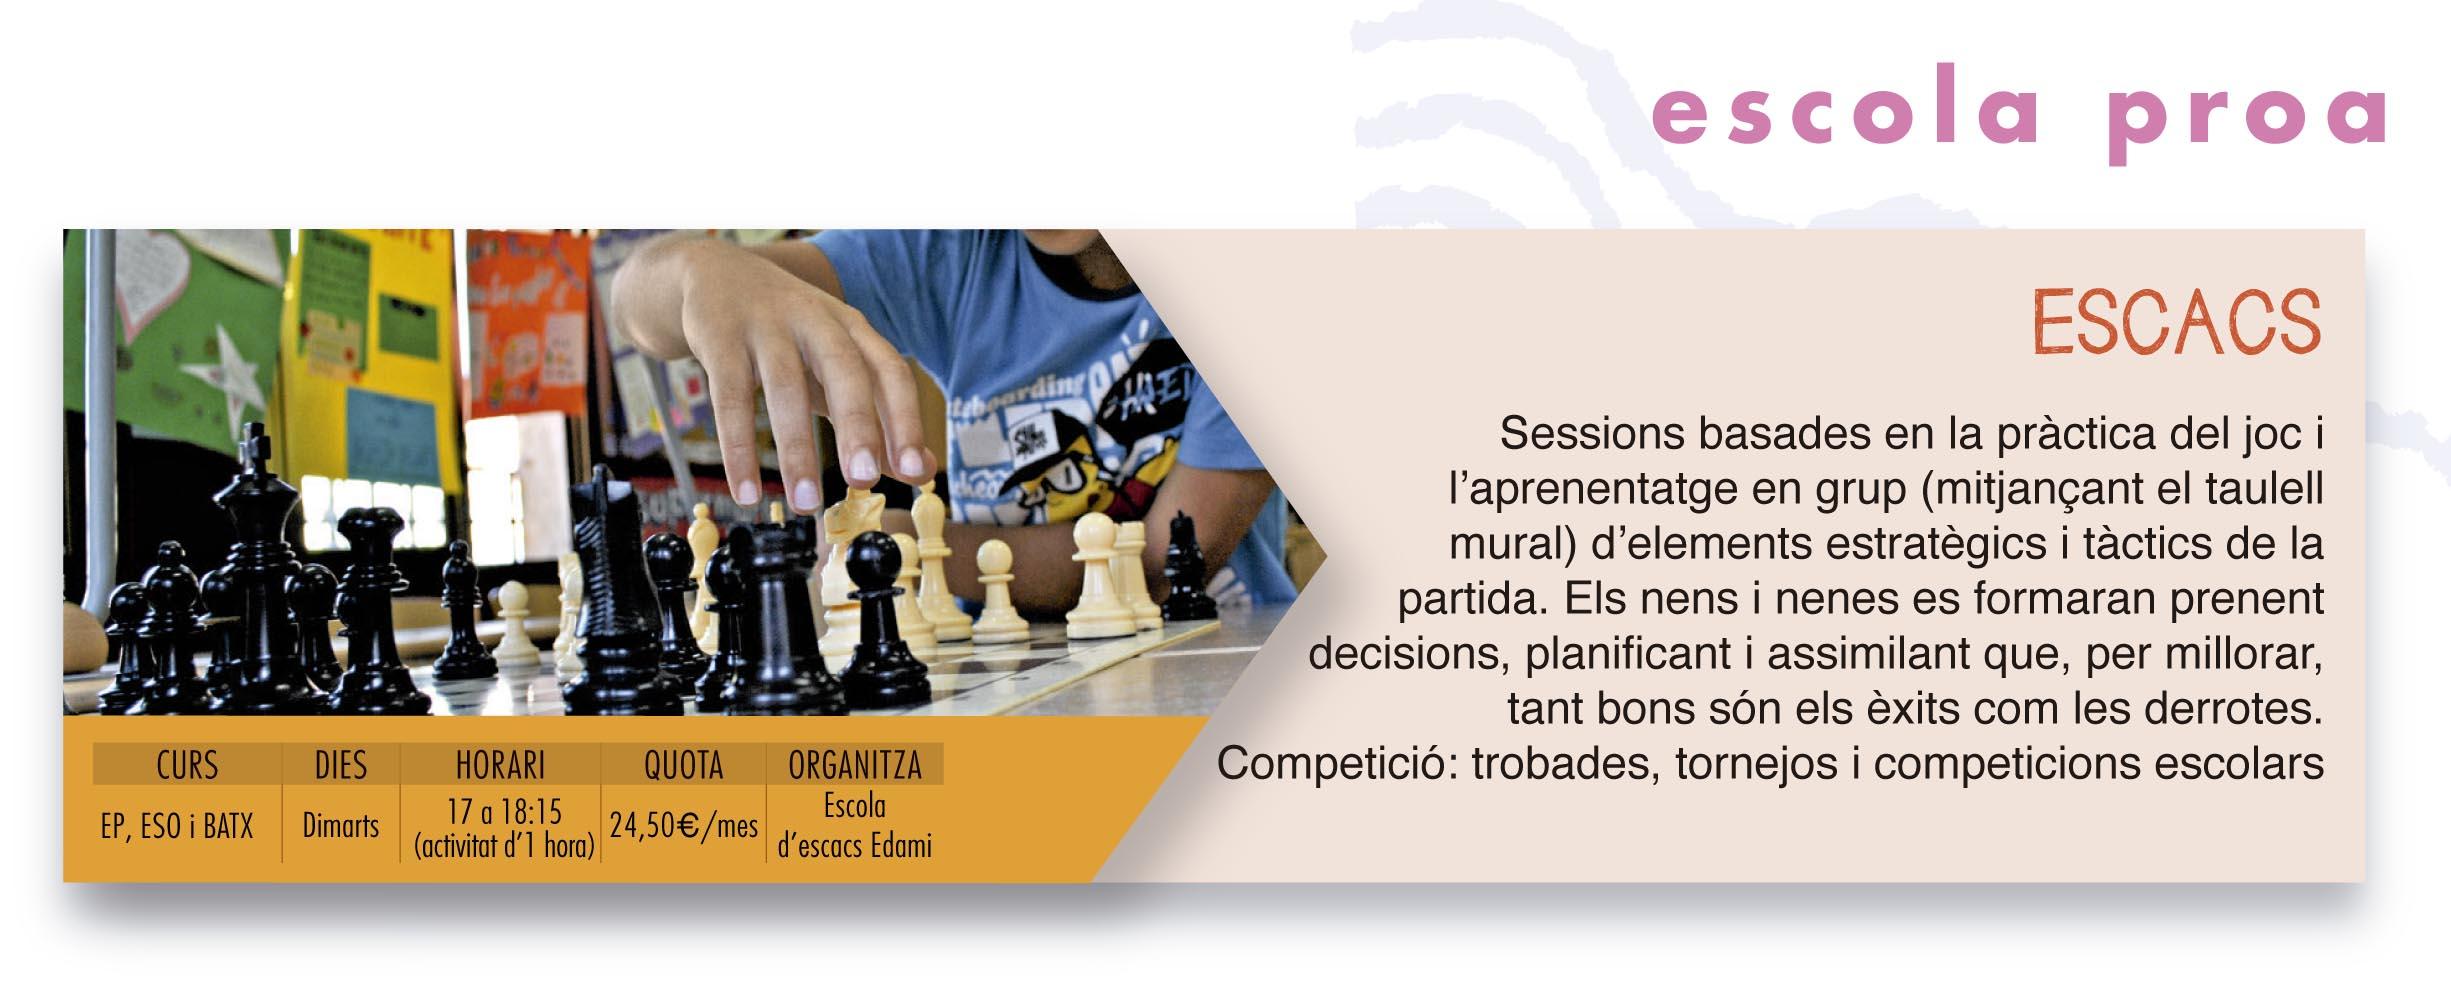 escola proa extra lectives escacs